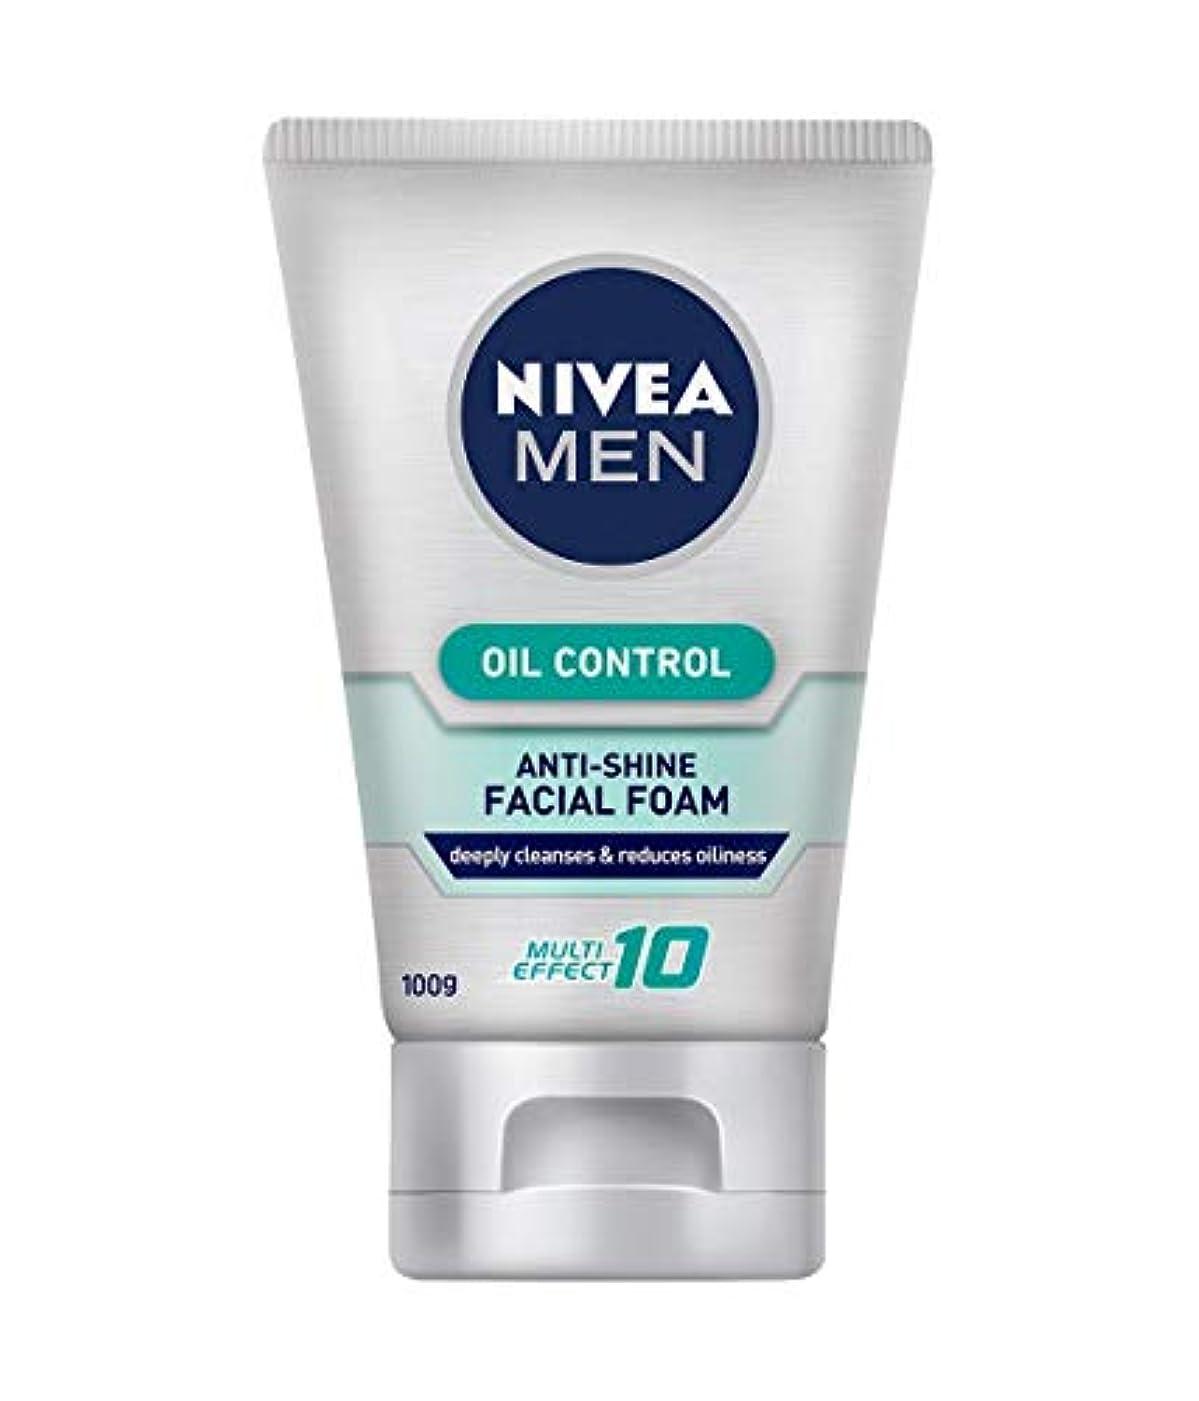 欠伸多数の追加するNivea For Men オイルコントロールクレンザー百グラム、にきびの問題を軽減しながら、炎症を和らげます。